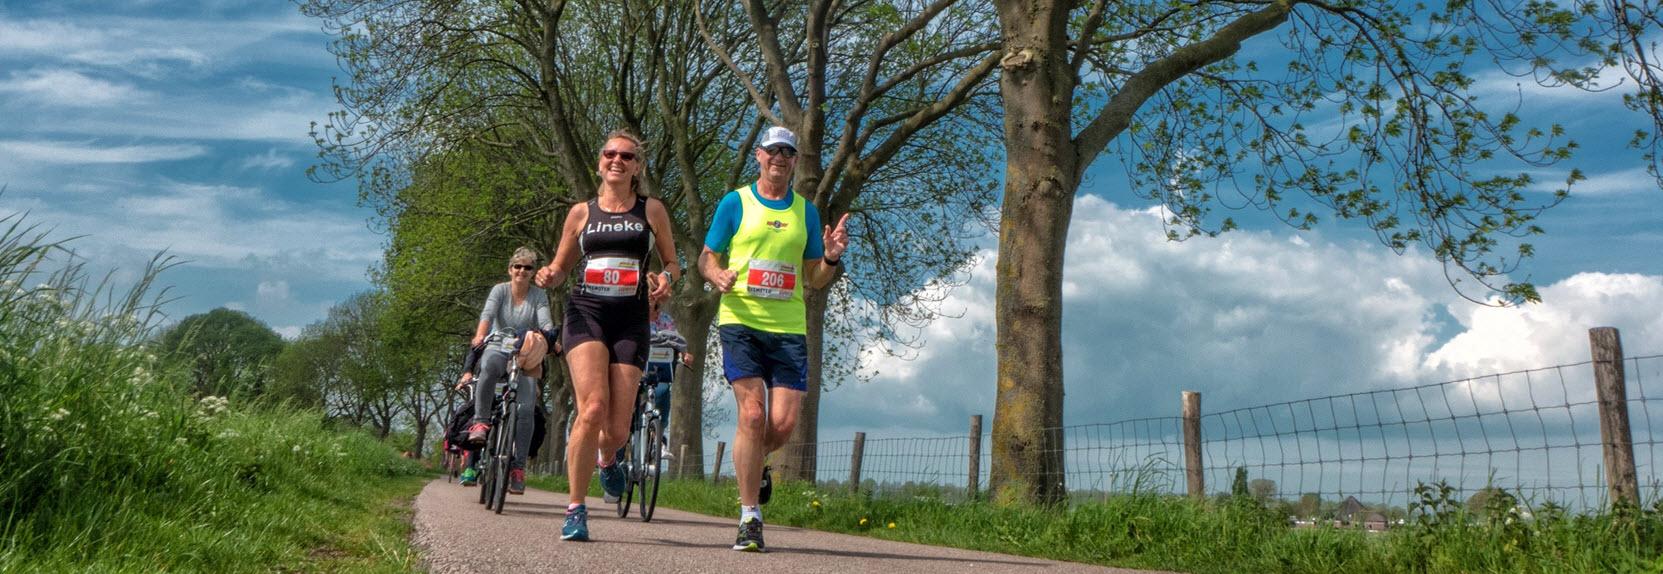 7e Beemster Erfgoed Marathon 2019